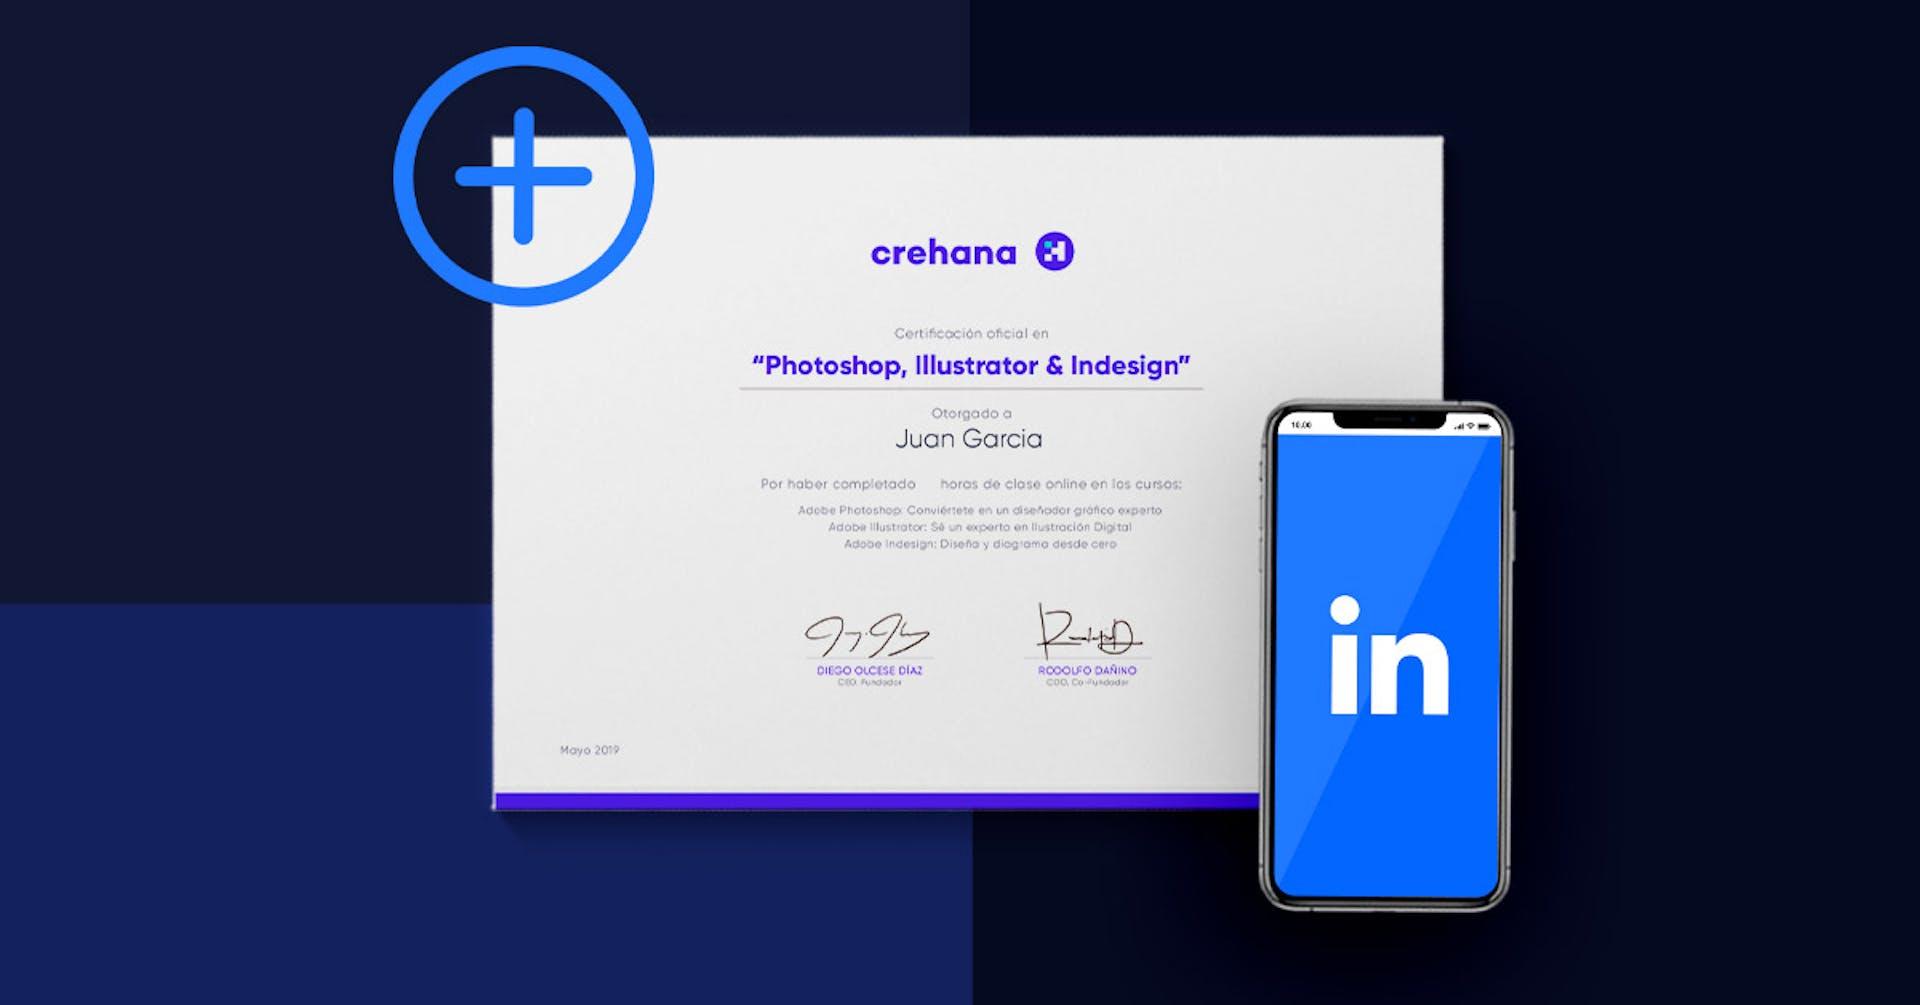 Como adicionar seu certificado Crehana ao LinkedIn?